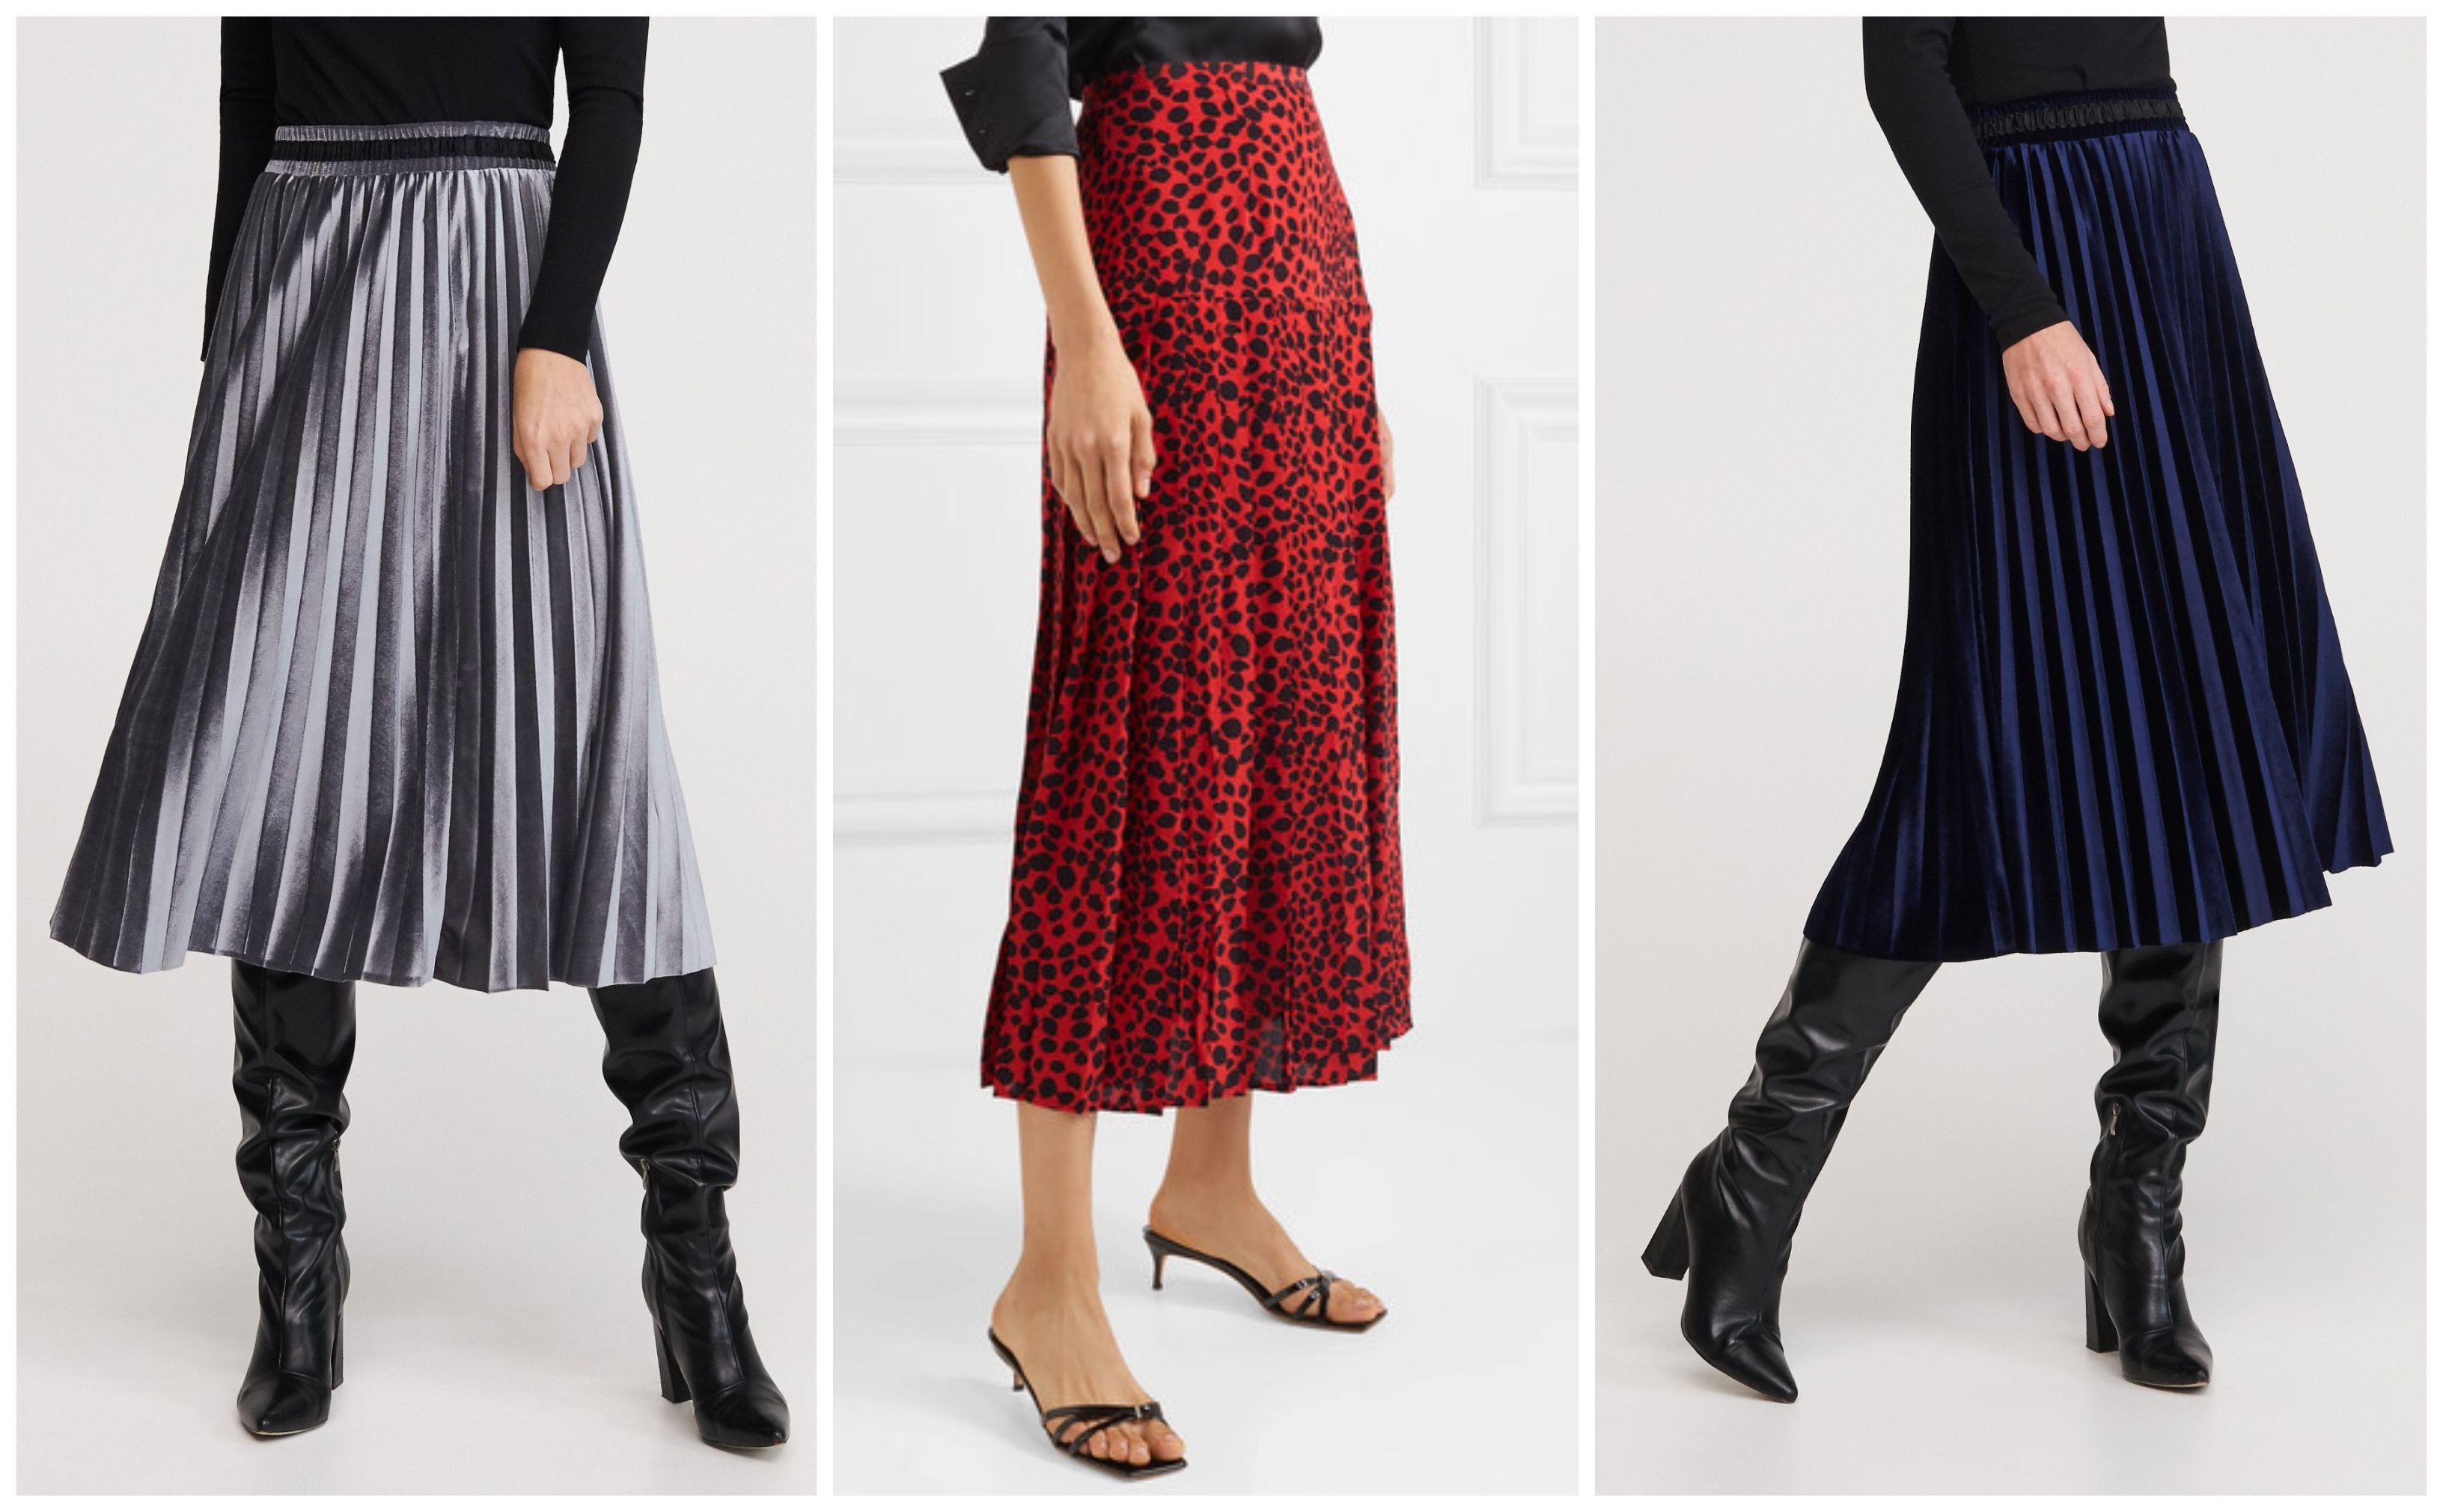 Plisirane suknje nikad nisu izgledale bolje! Donosimo vam najljepše iz ponude